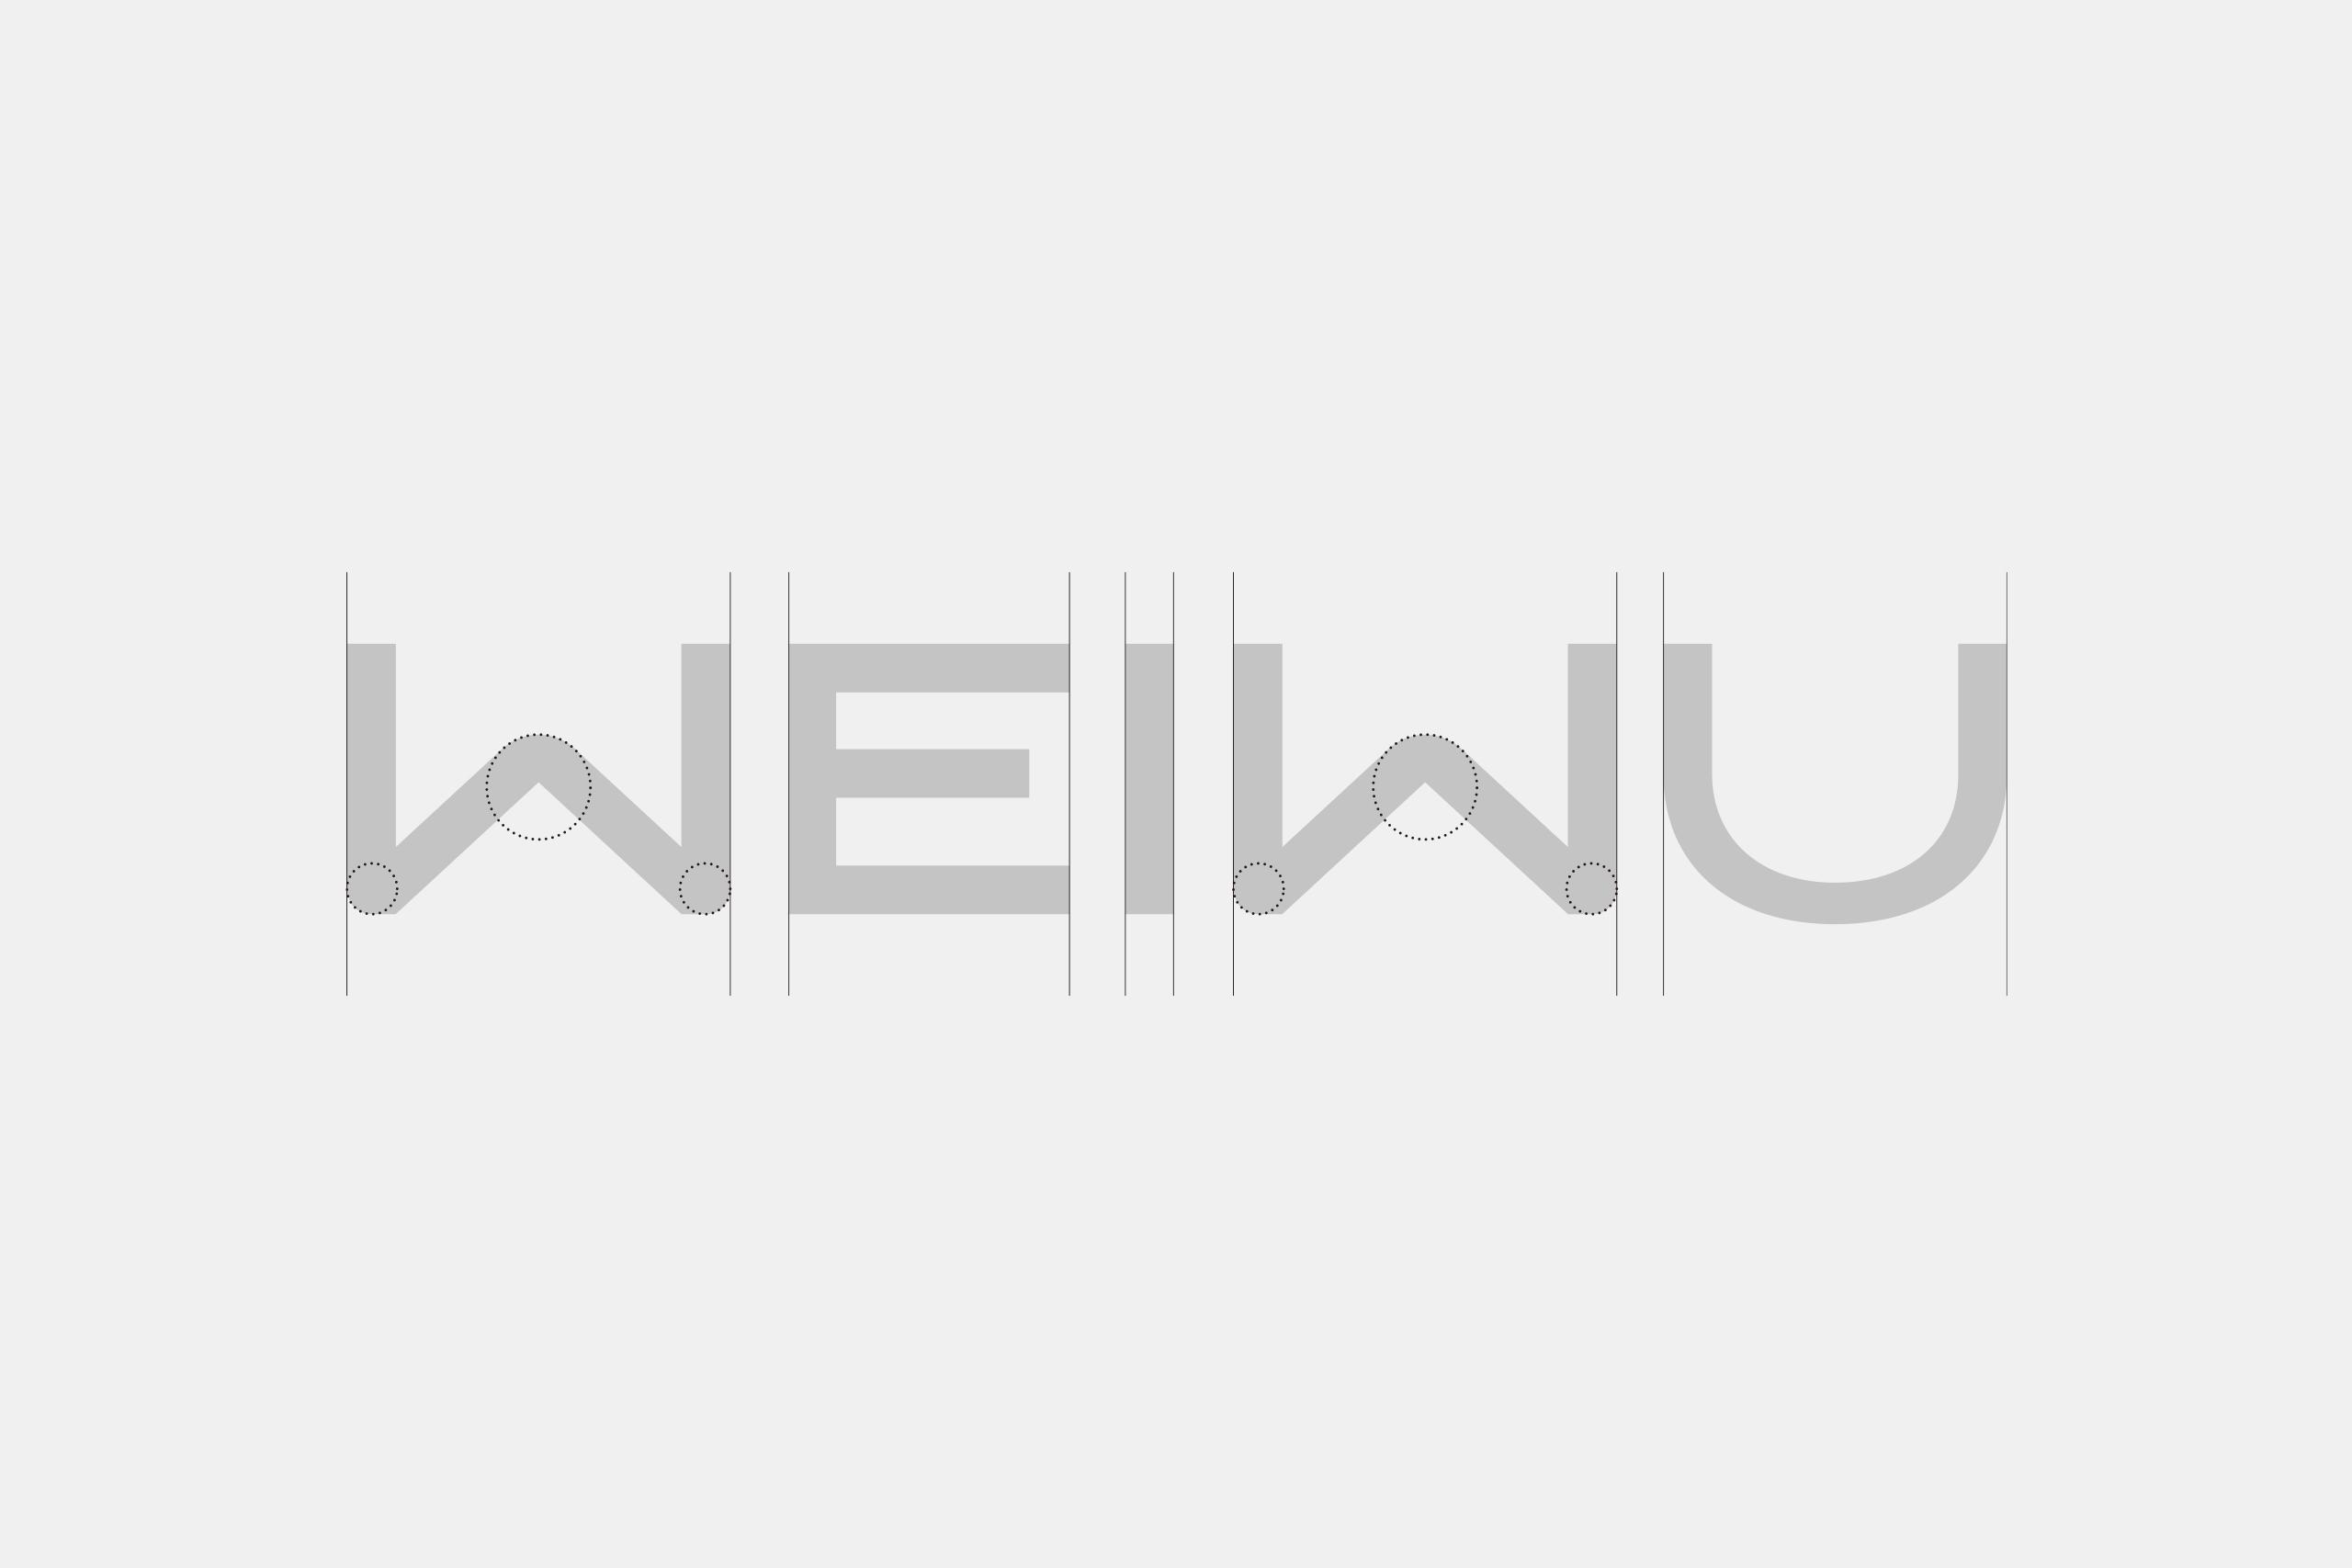 QIU_Weiwu_3-2